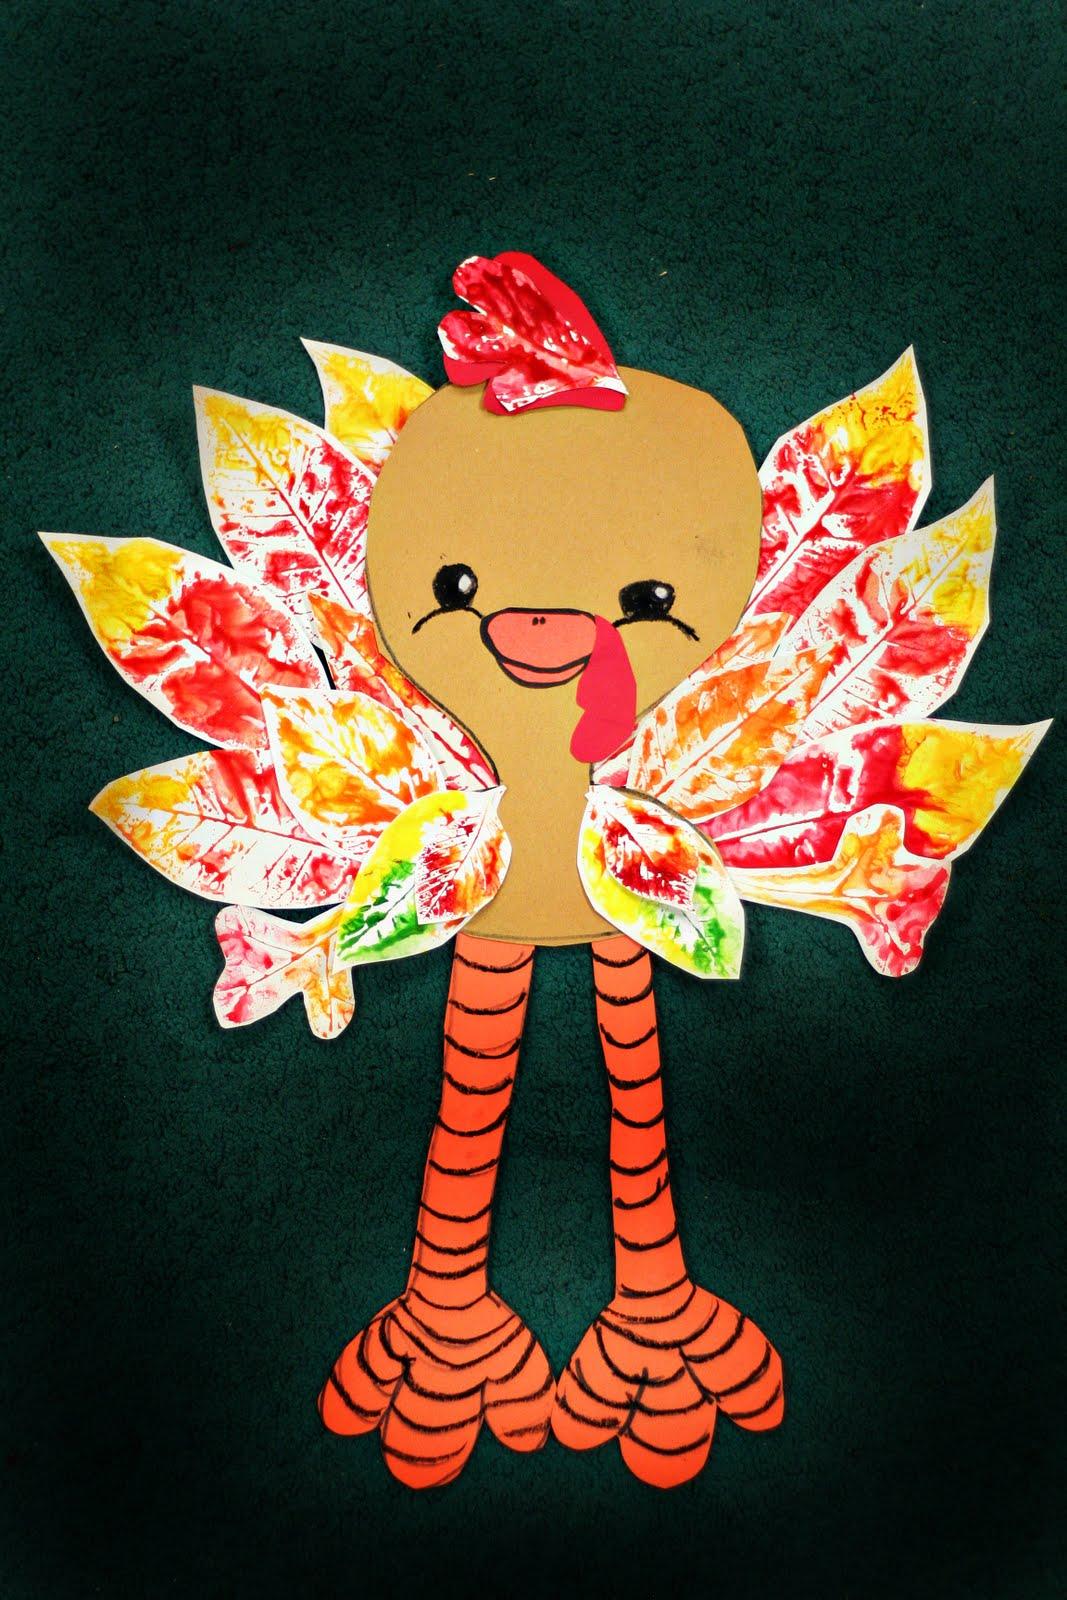 Smart Class Leaf Print Turkeys